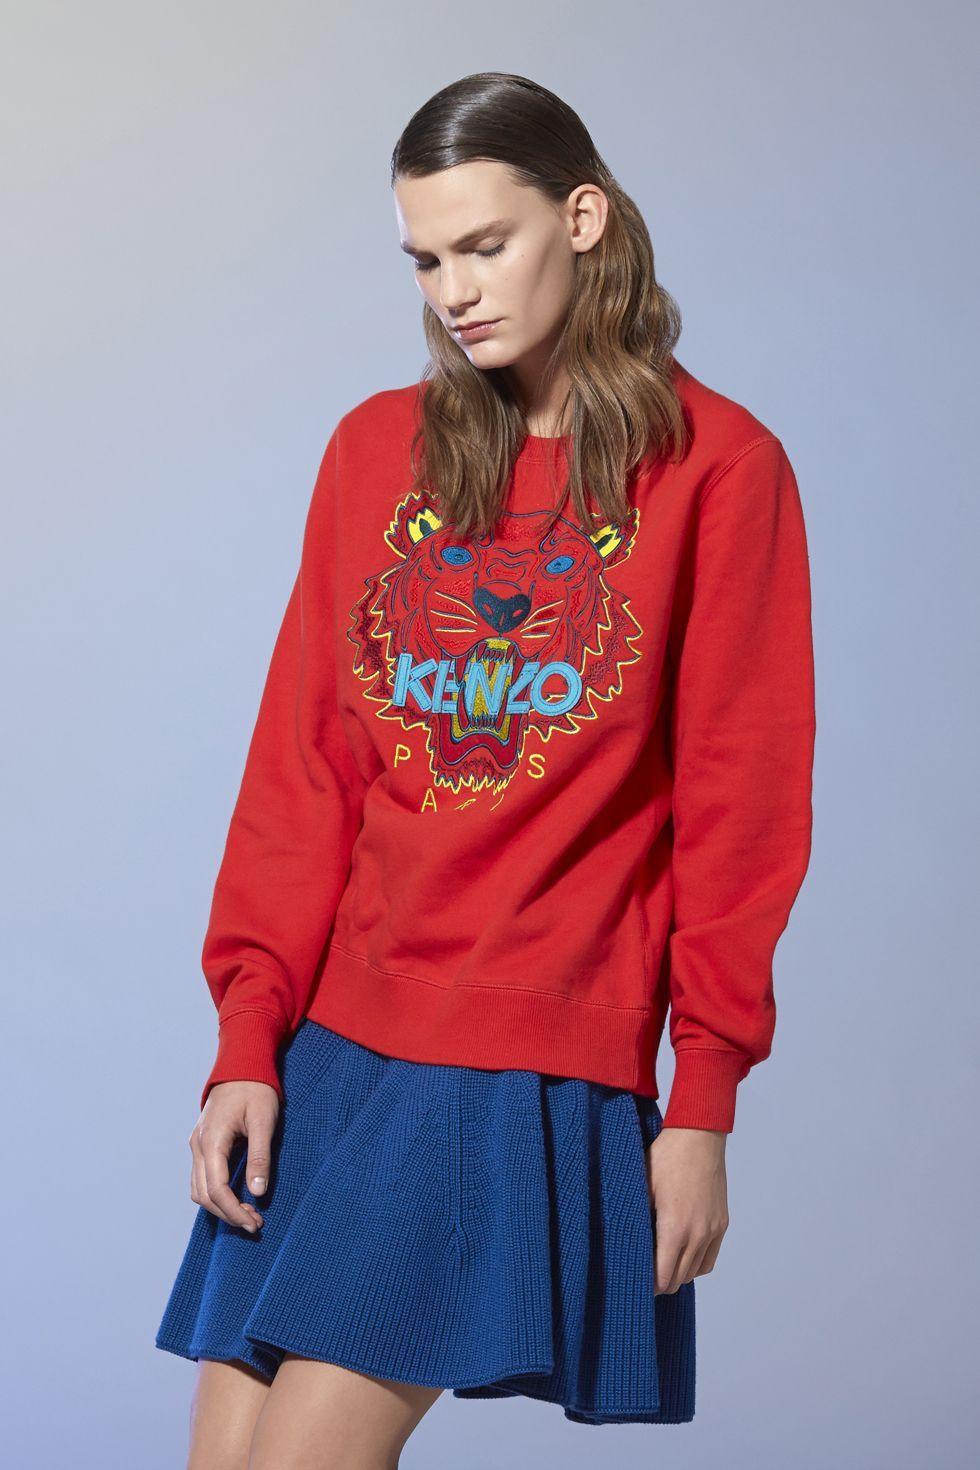 Kenzo Tiger Sweatshirt - Kenzo Sweatshirts & Sweaters Women ...